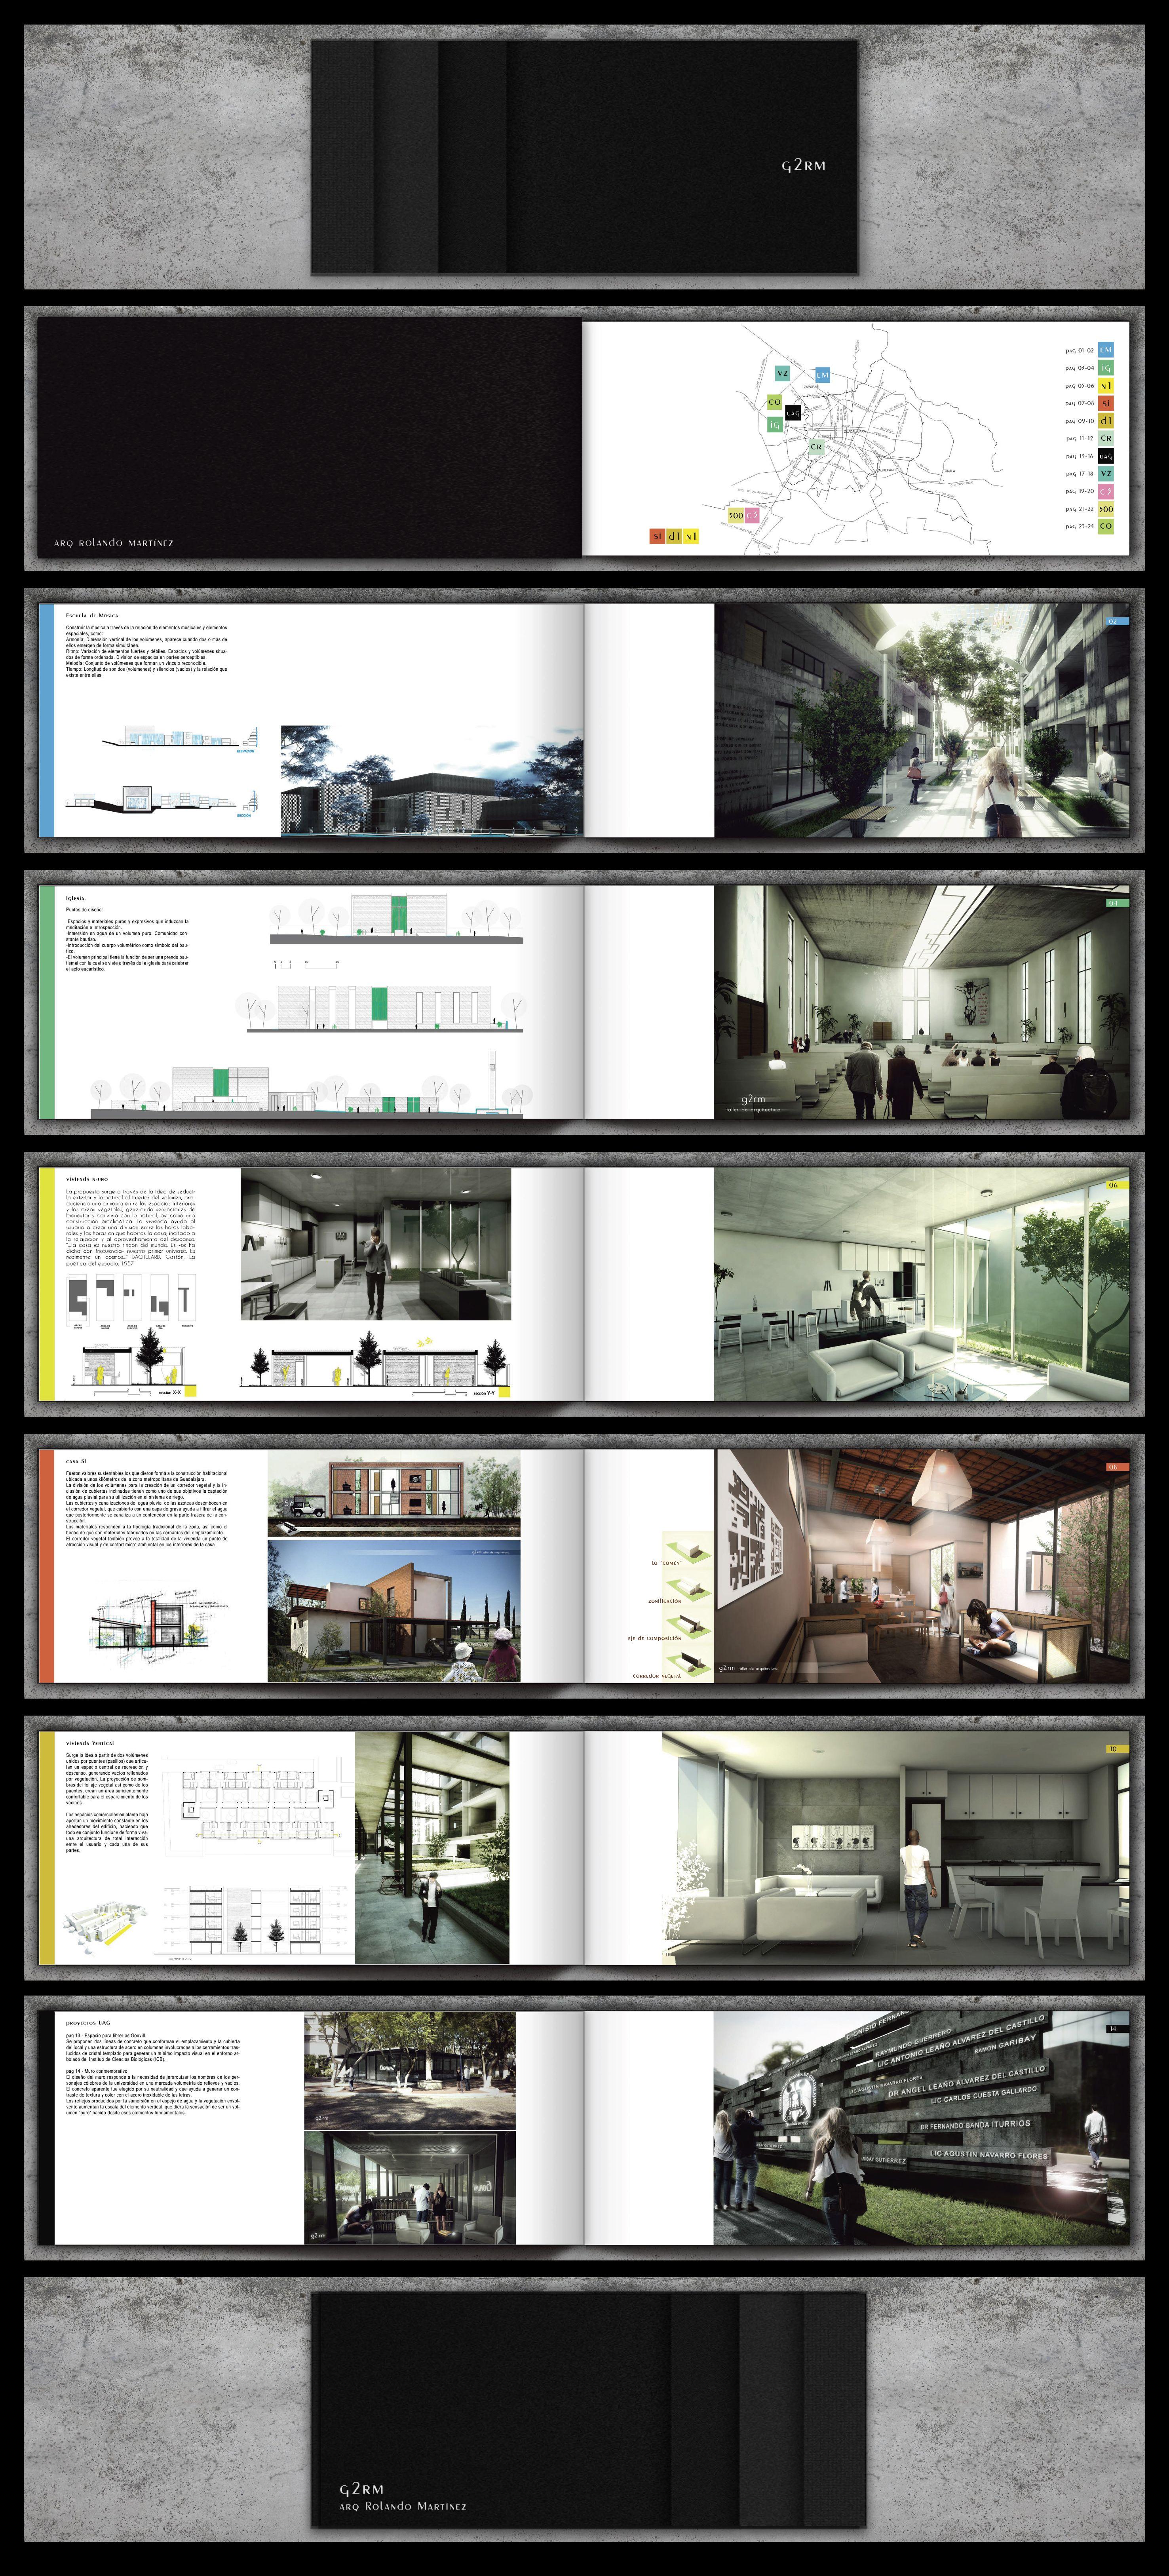 Portafolio Arquitectura G2rm Portfolio Architecture G2rm